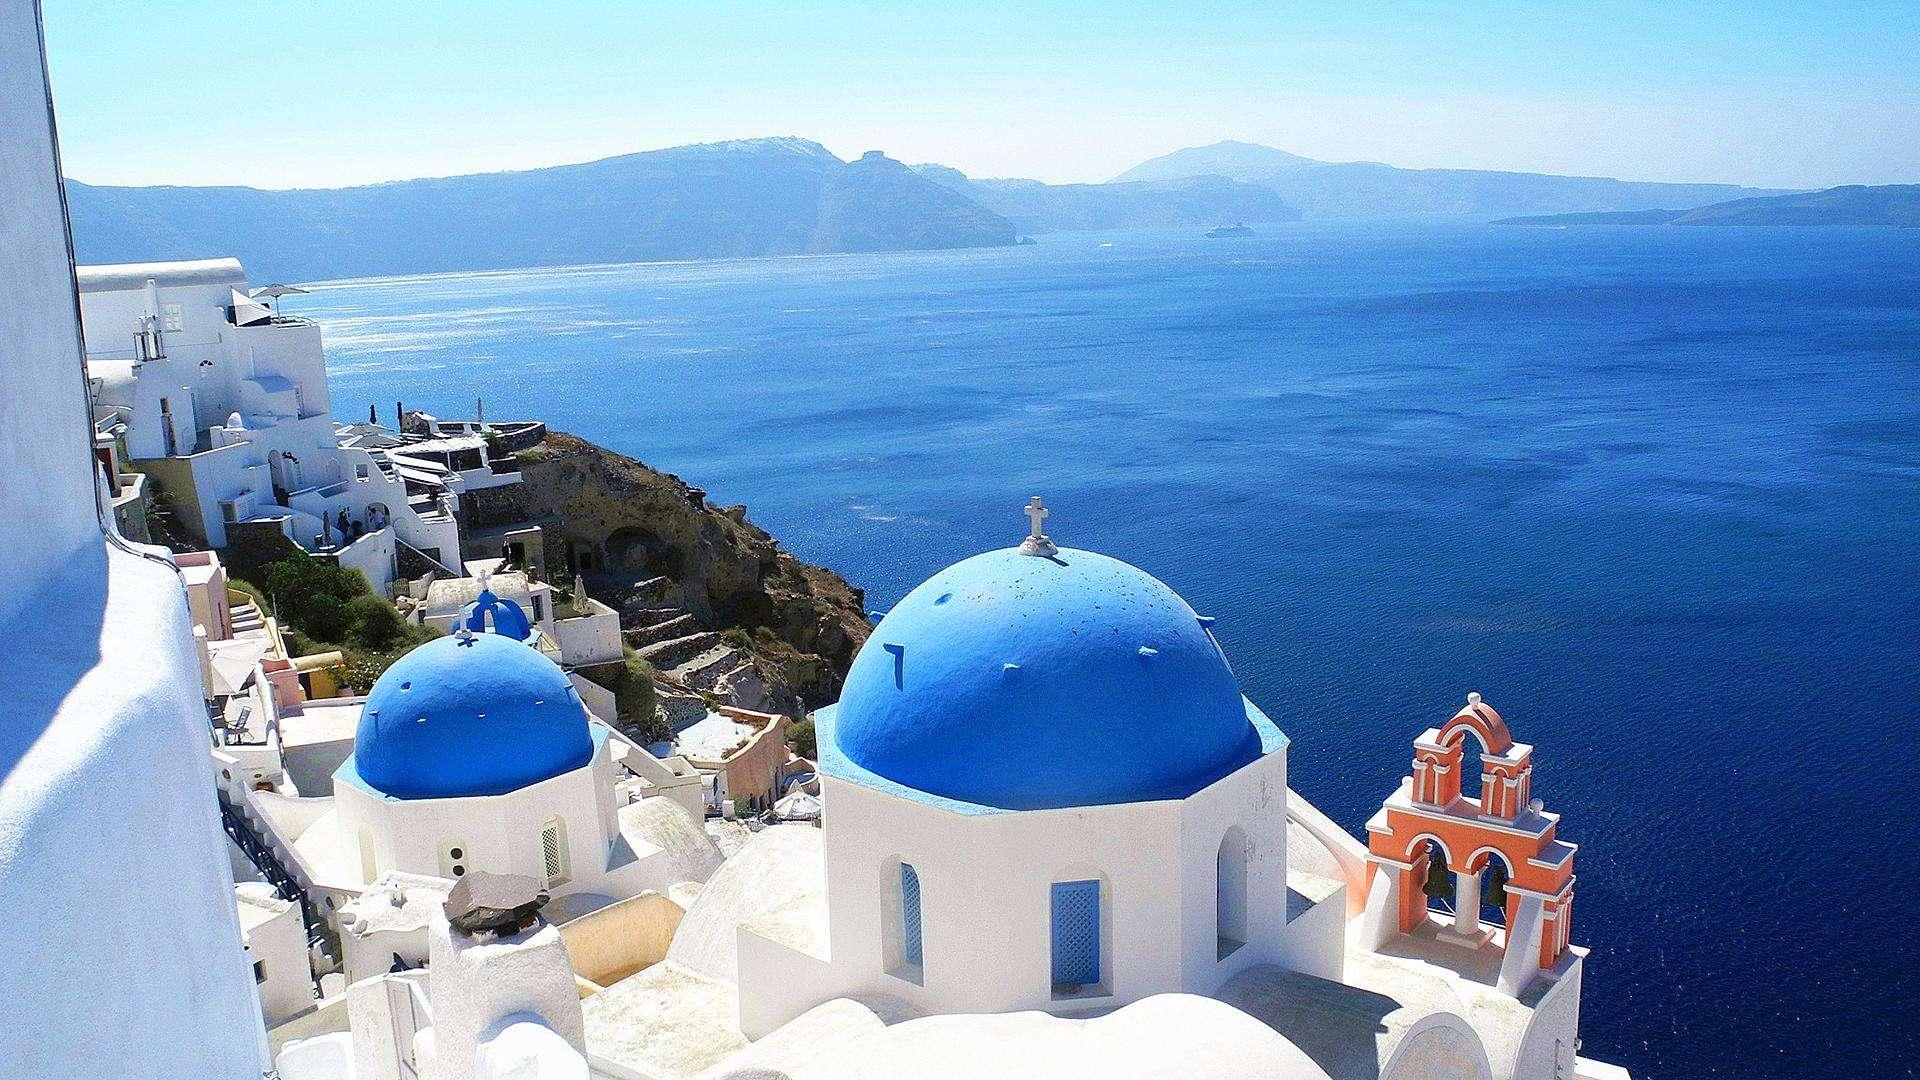 希腊gdp_IMF预测:2020年希腊GDP将萎缩10%,失业率为22.3%